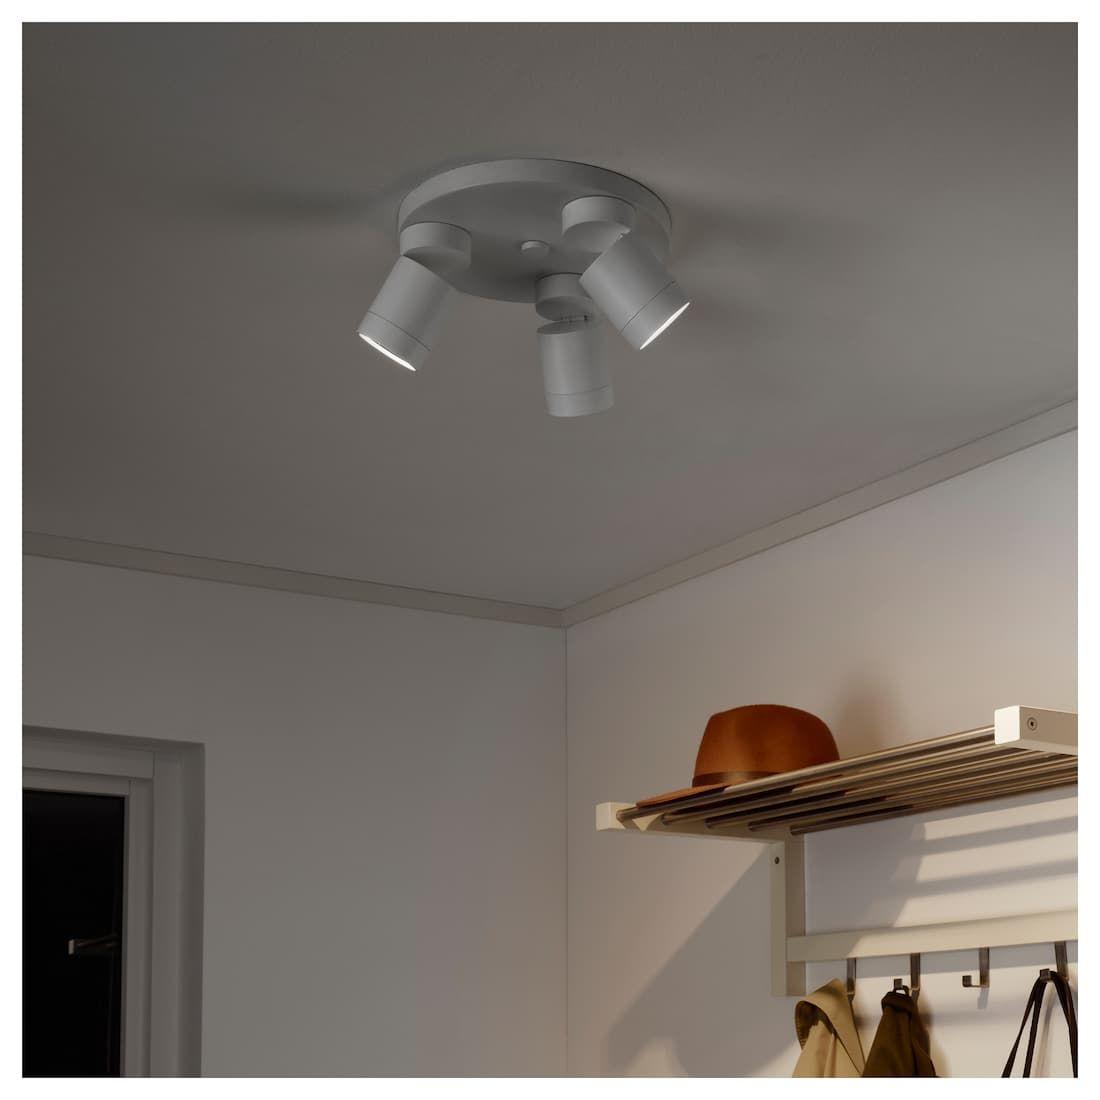 IKEA Fuga spotlight ceiling light in